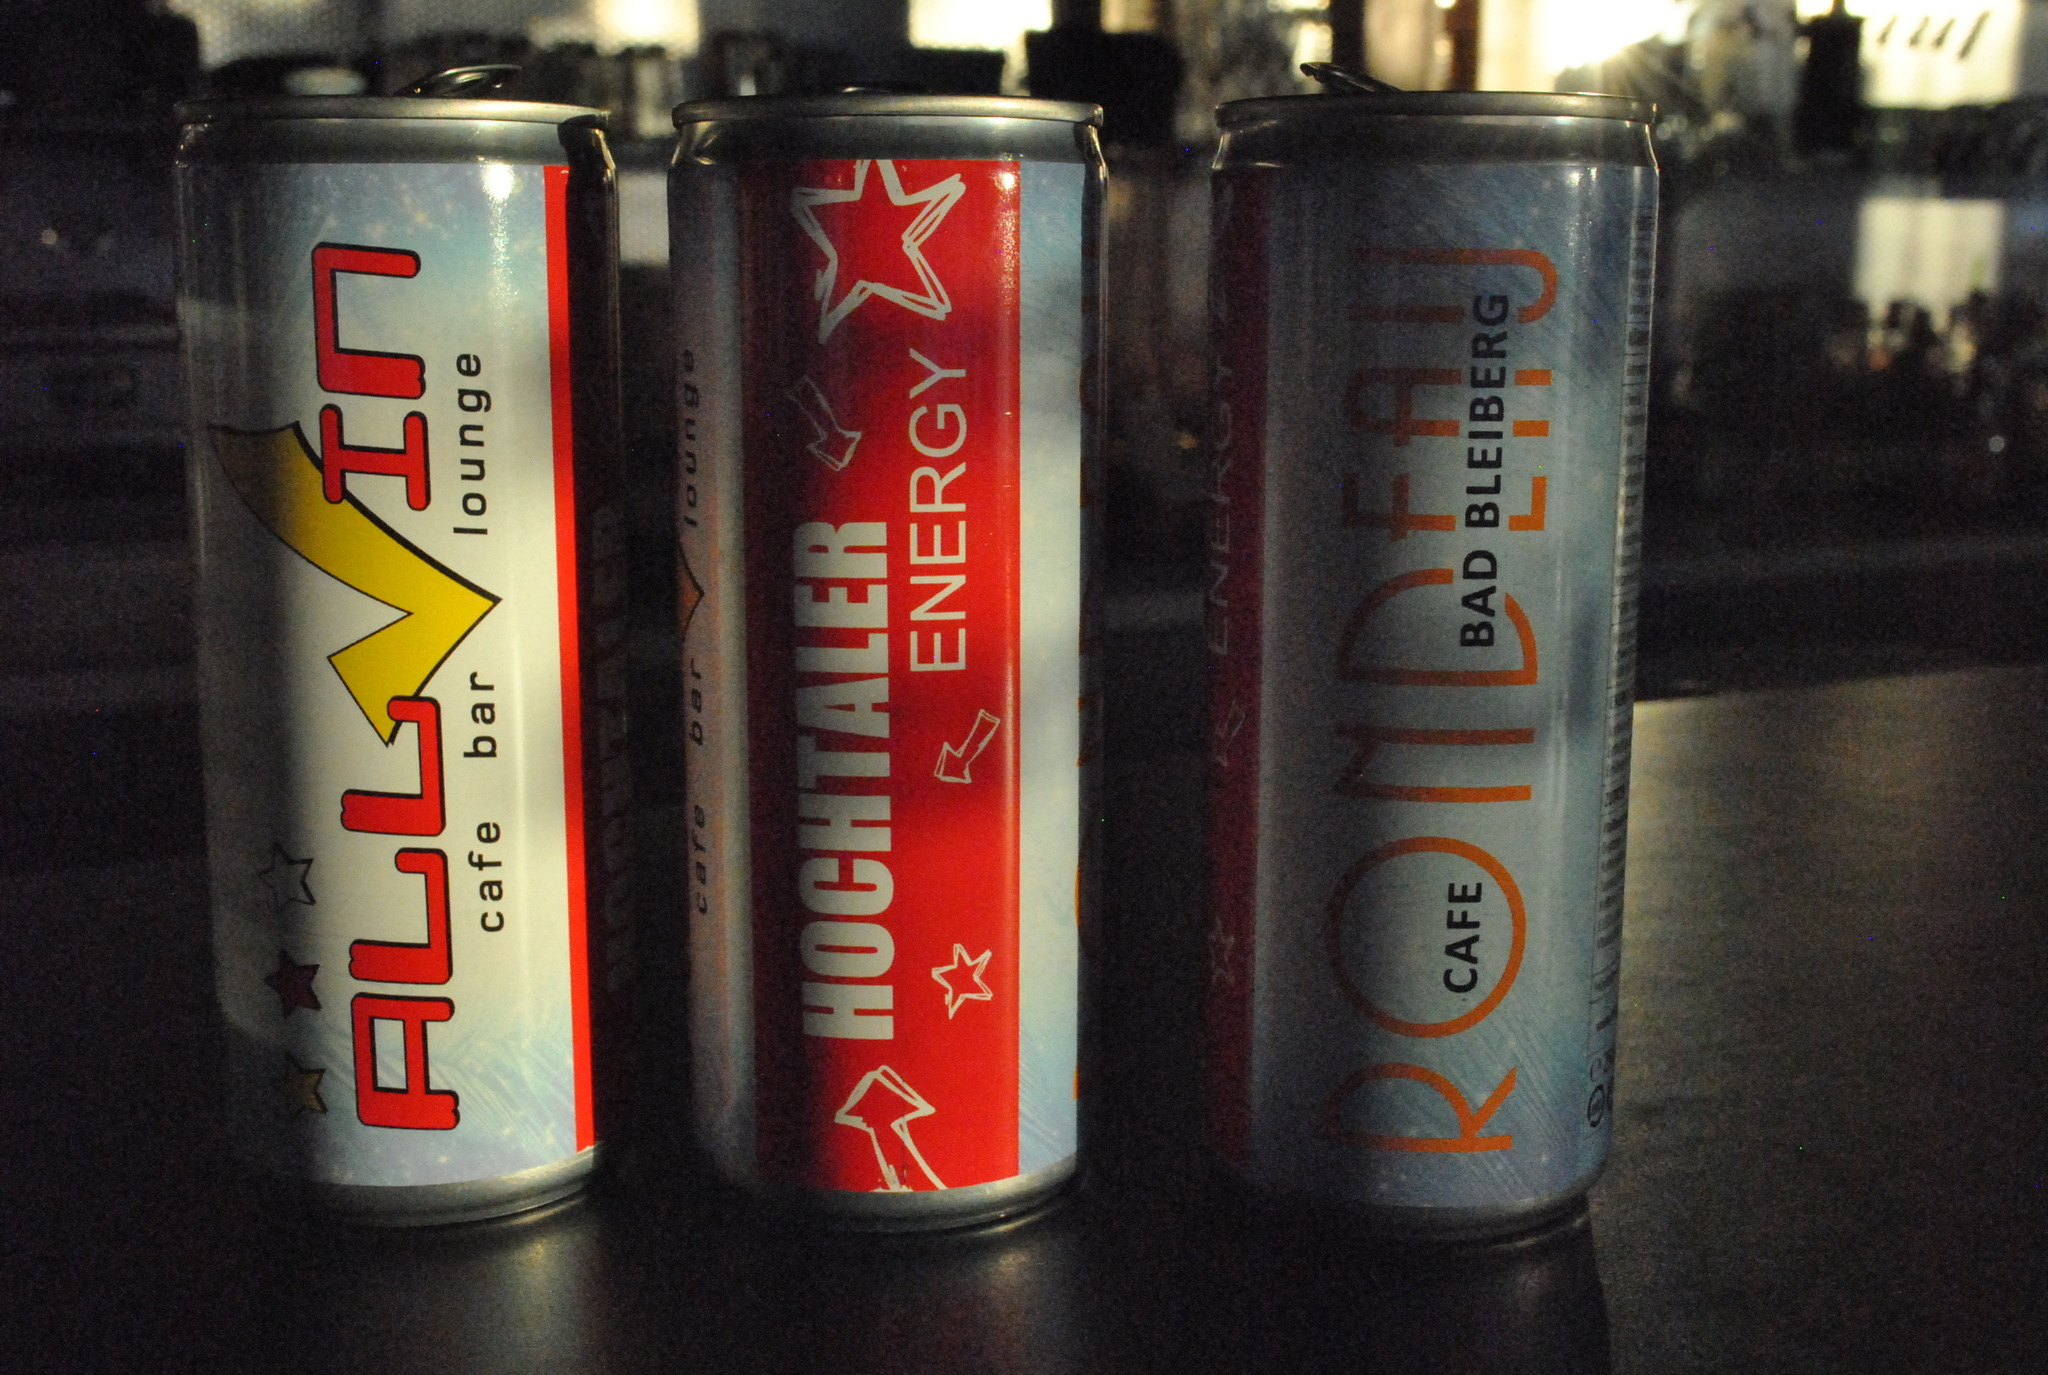 Neuer Energy-Drink ist aus dem Hochtal - Villach Land